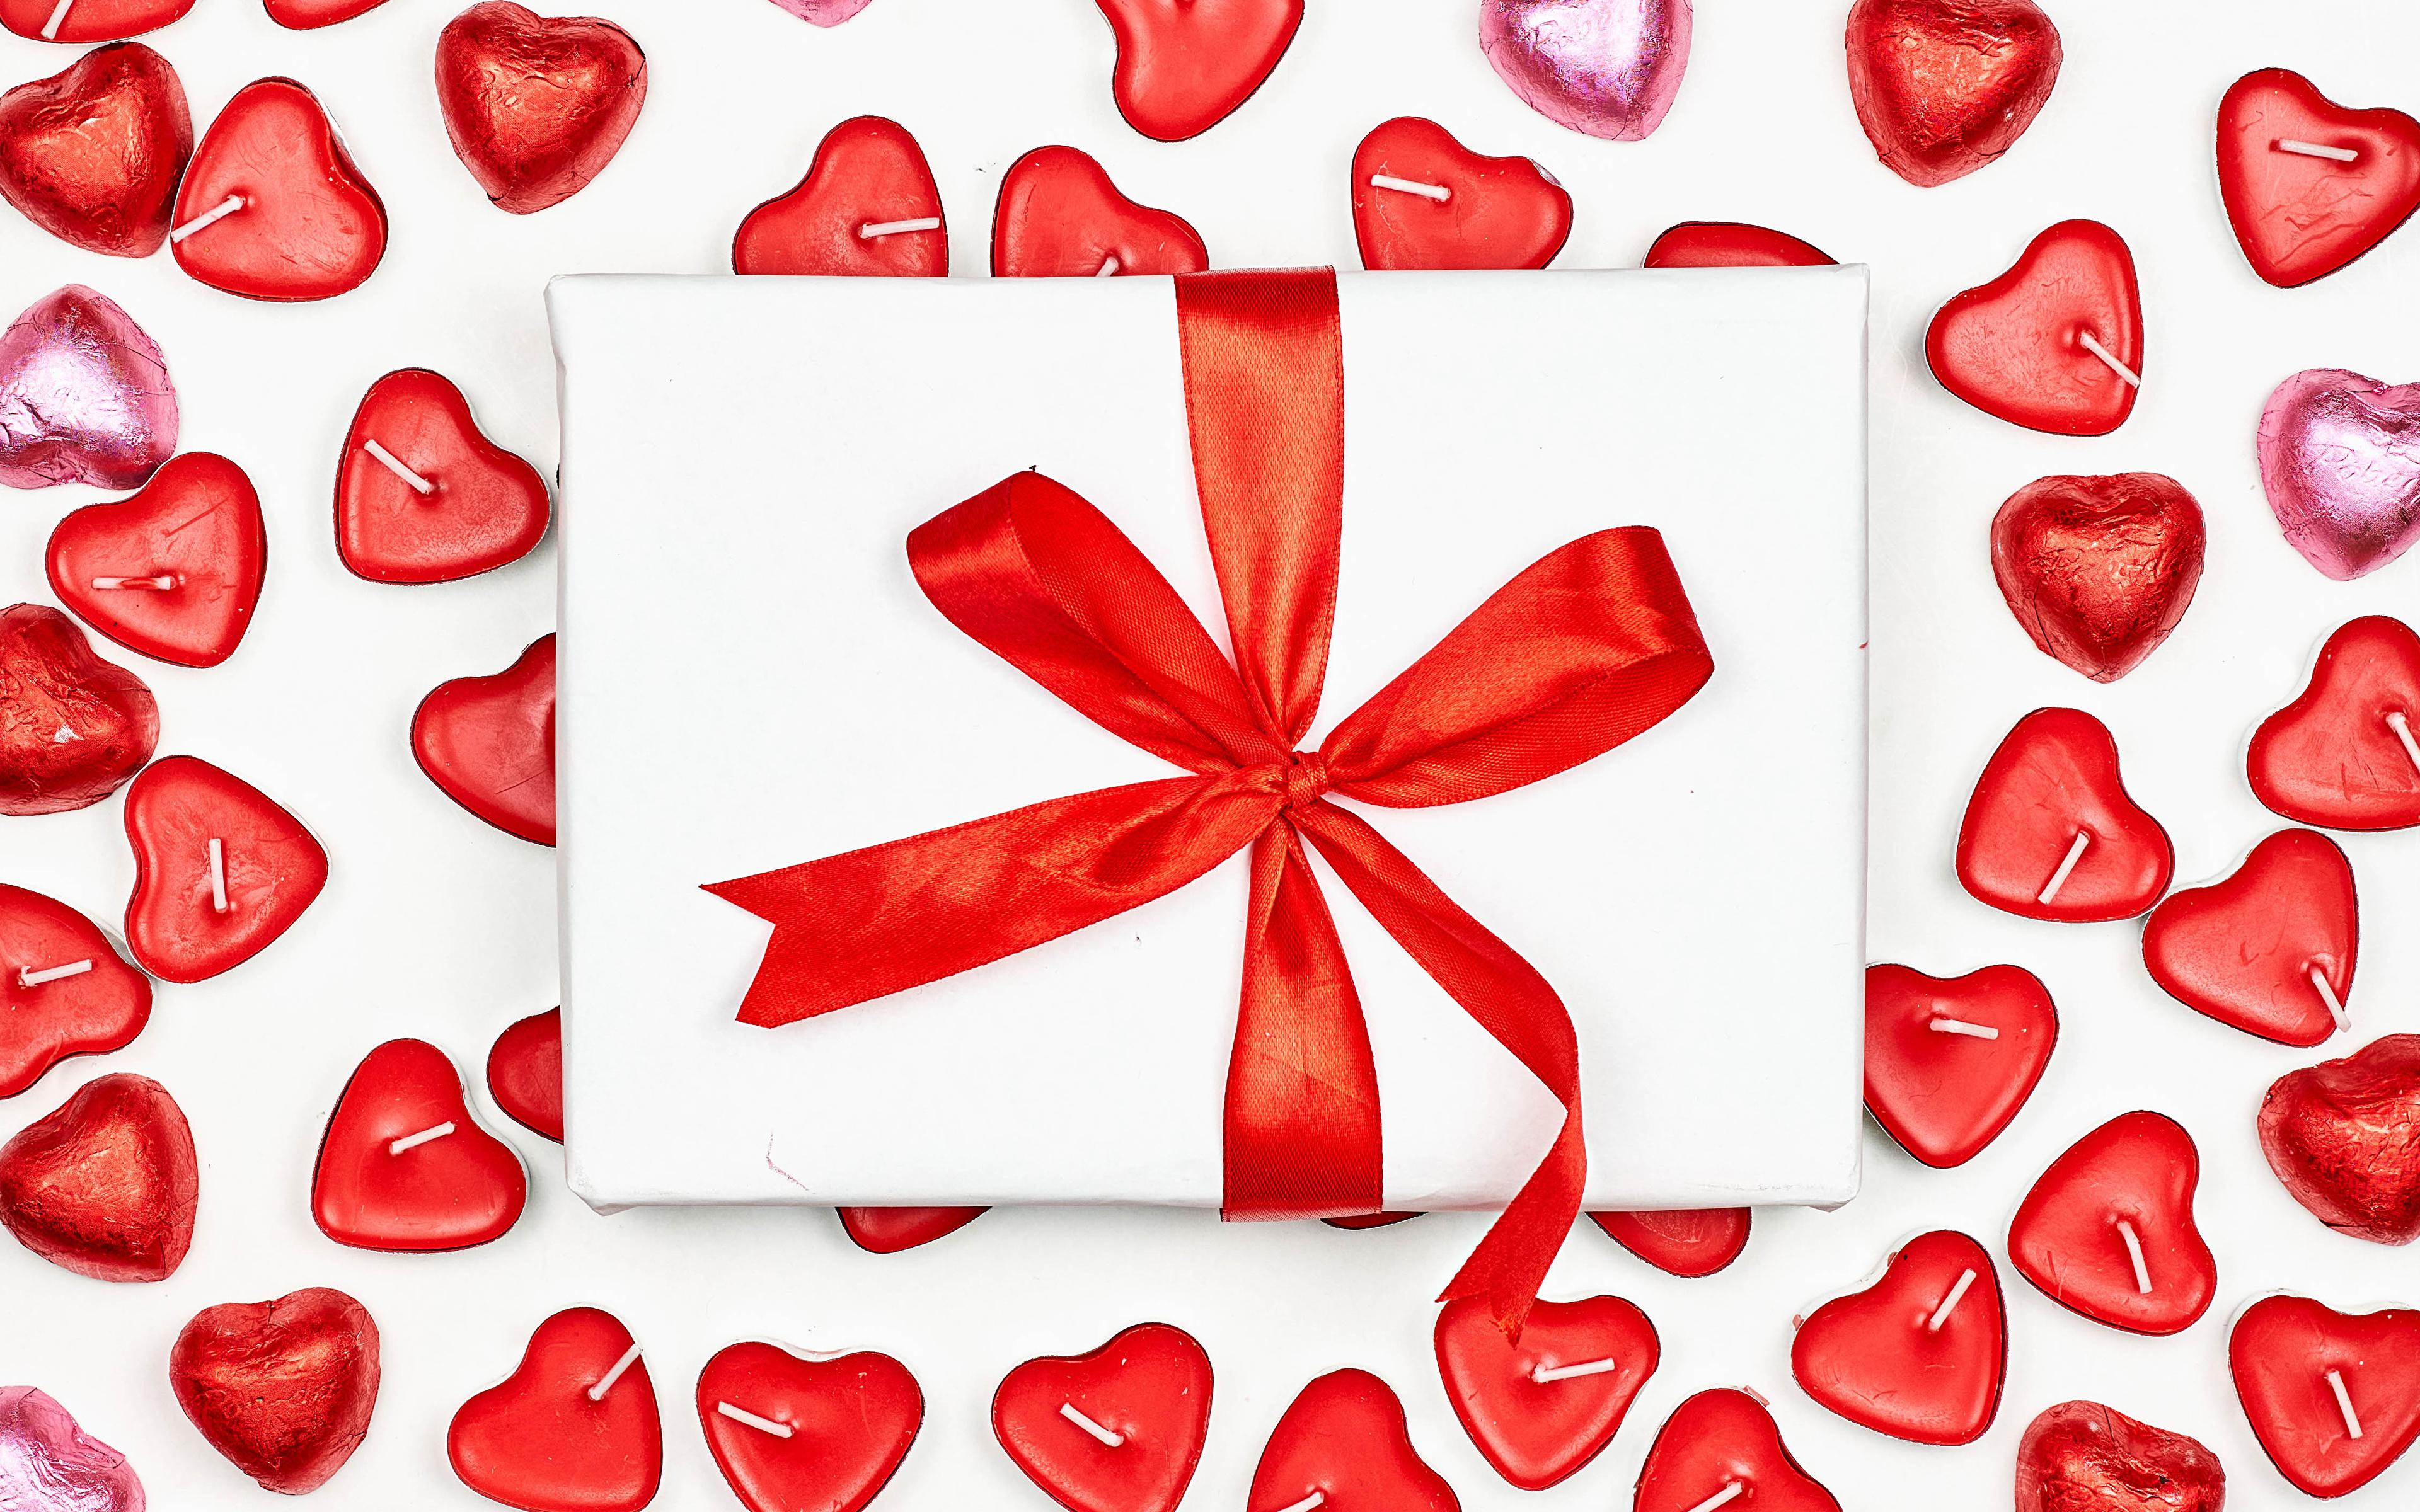 Фото День святого Валентина Сердце Конфеты Подарки Свечи Бантик Белый фон 3840x2400 День всех влюблённых серце сердца сердечко подарок подарков бант бантики белом фоне белым фоном